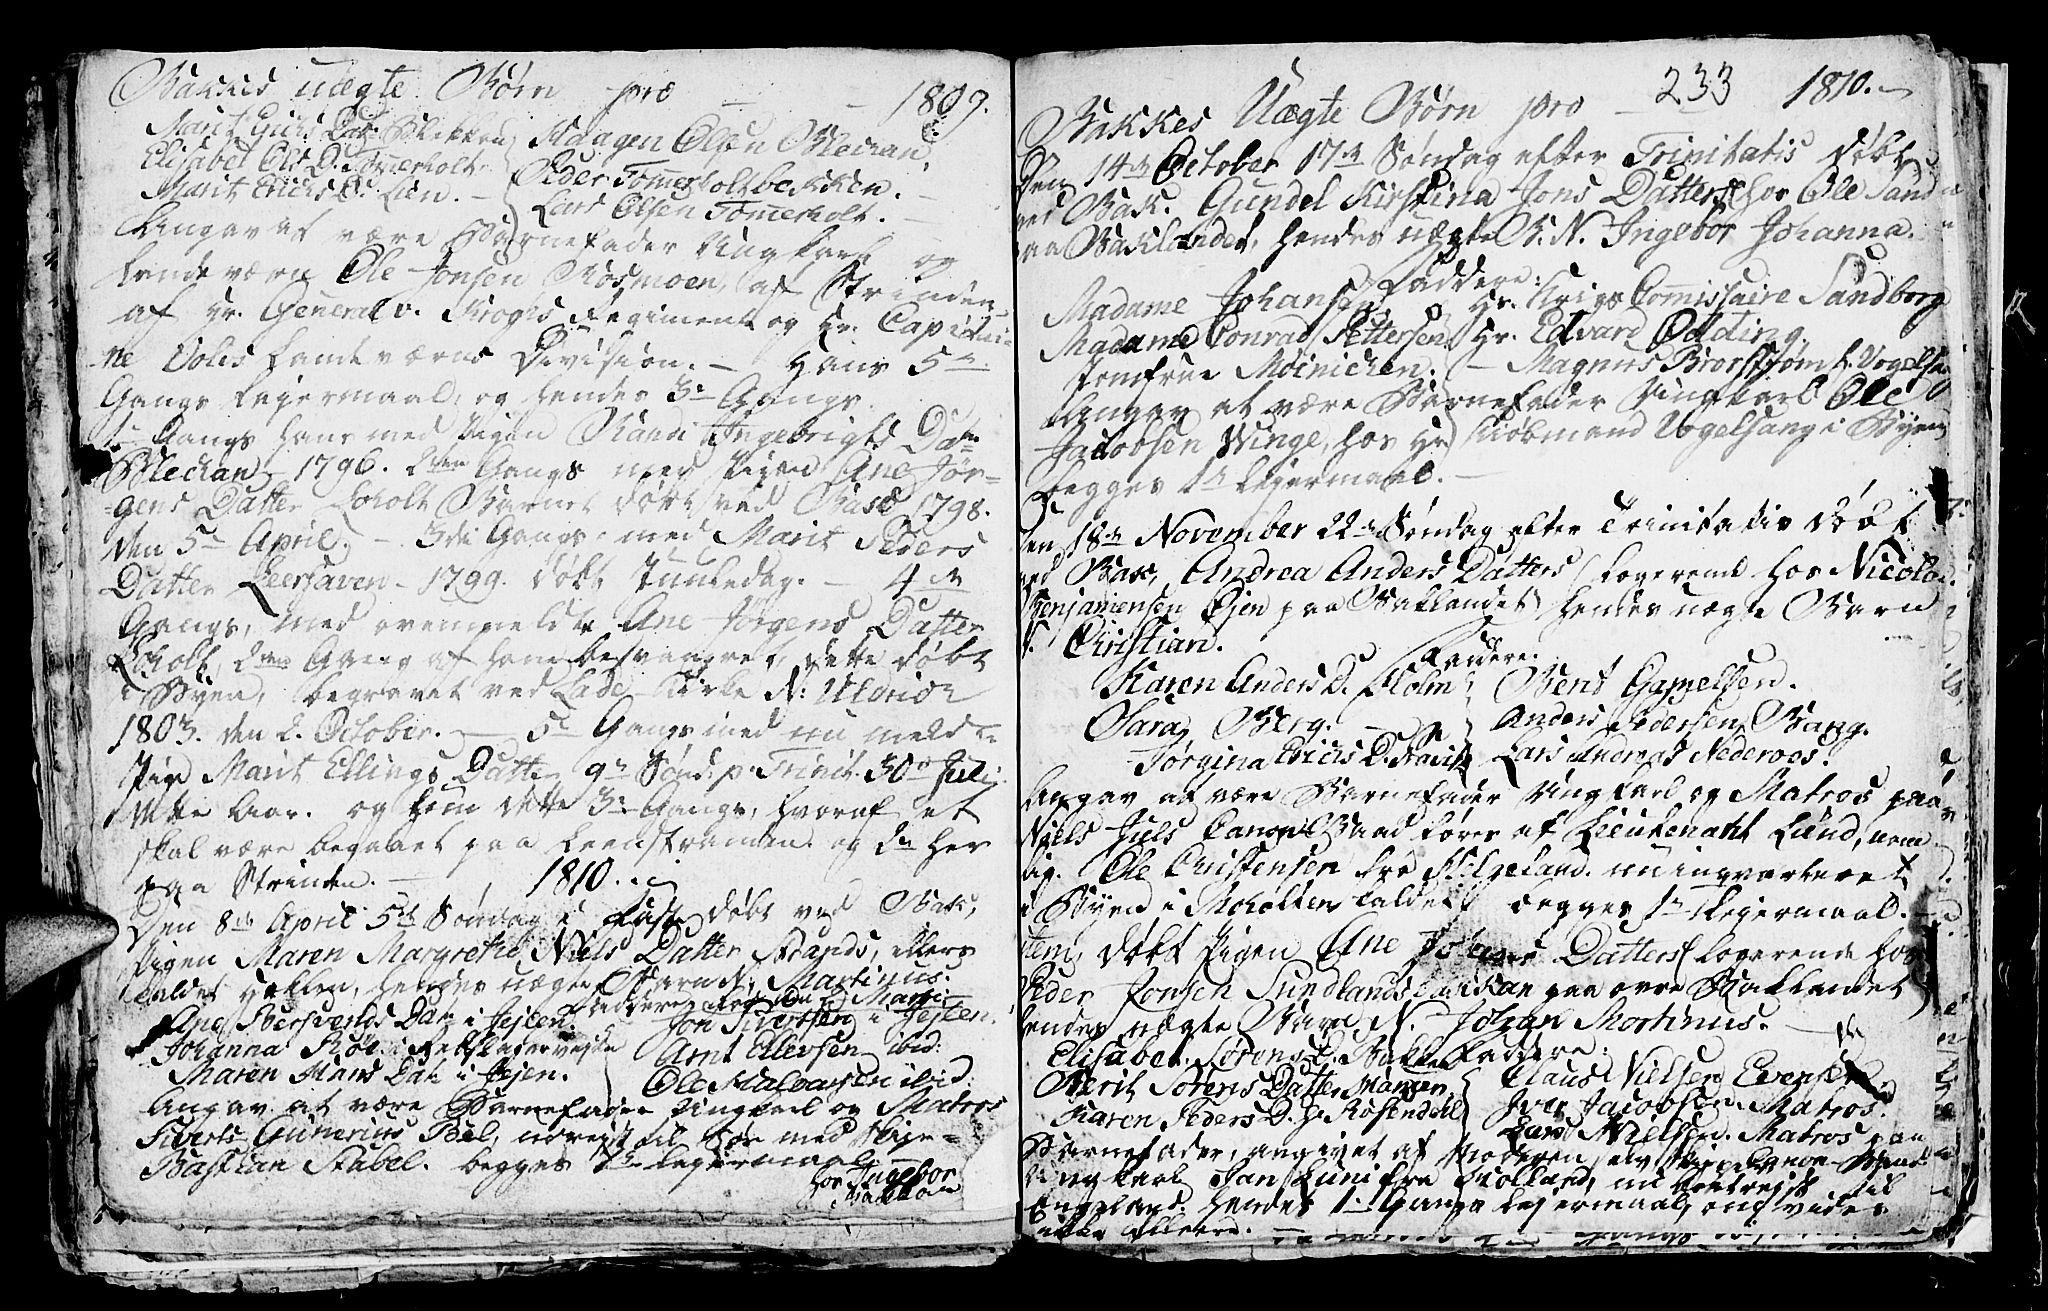 SAT, Ministerialprotokoller, klokkerbøker og fødselsregistre - Sør-Trøndelag, 604/L0218: Klokkerbok nr. 604C01, 1754-1819, s. 233